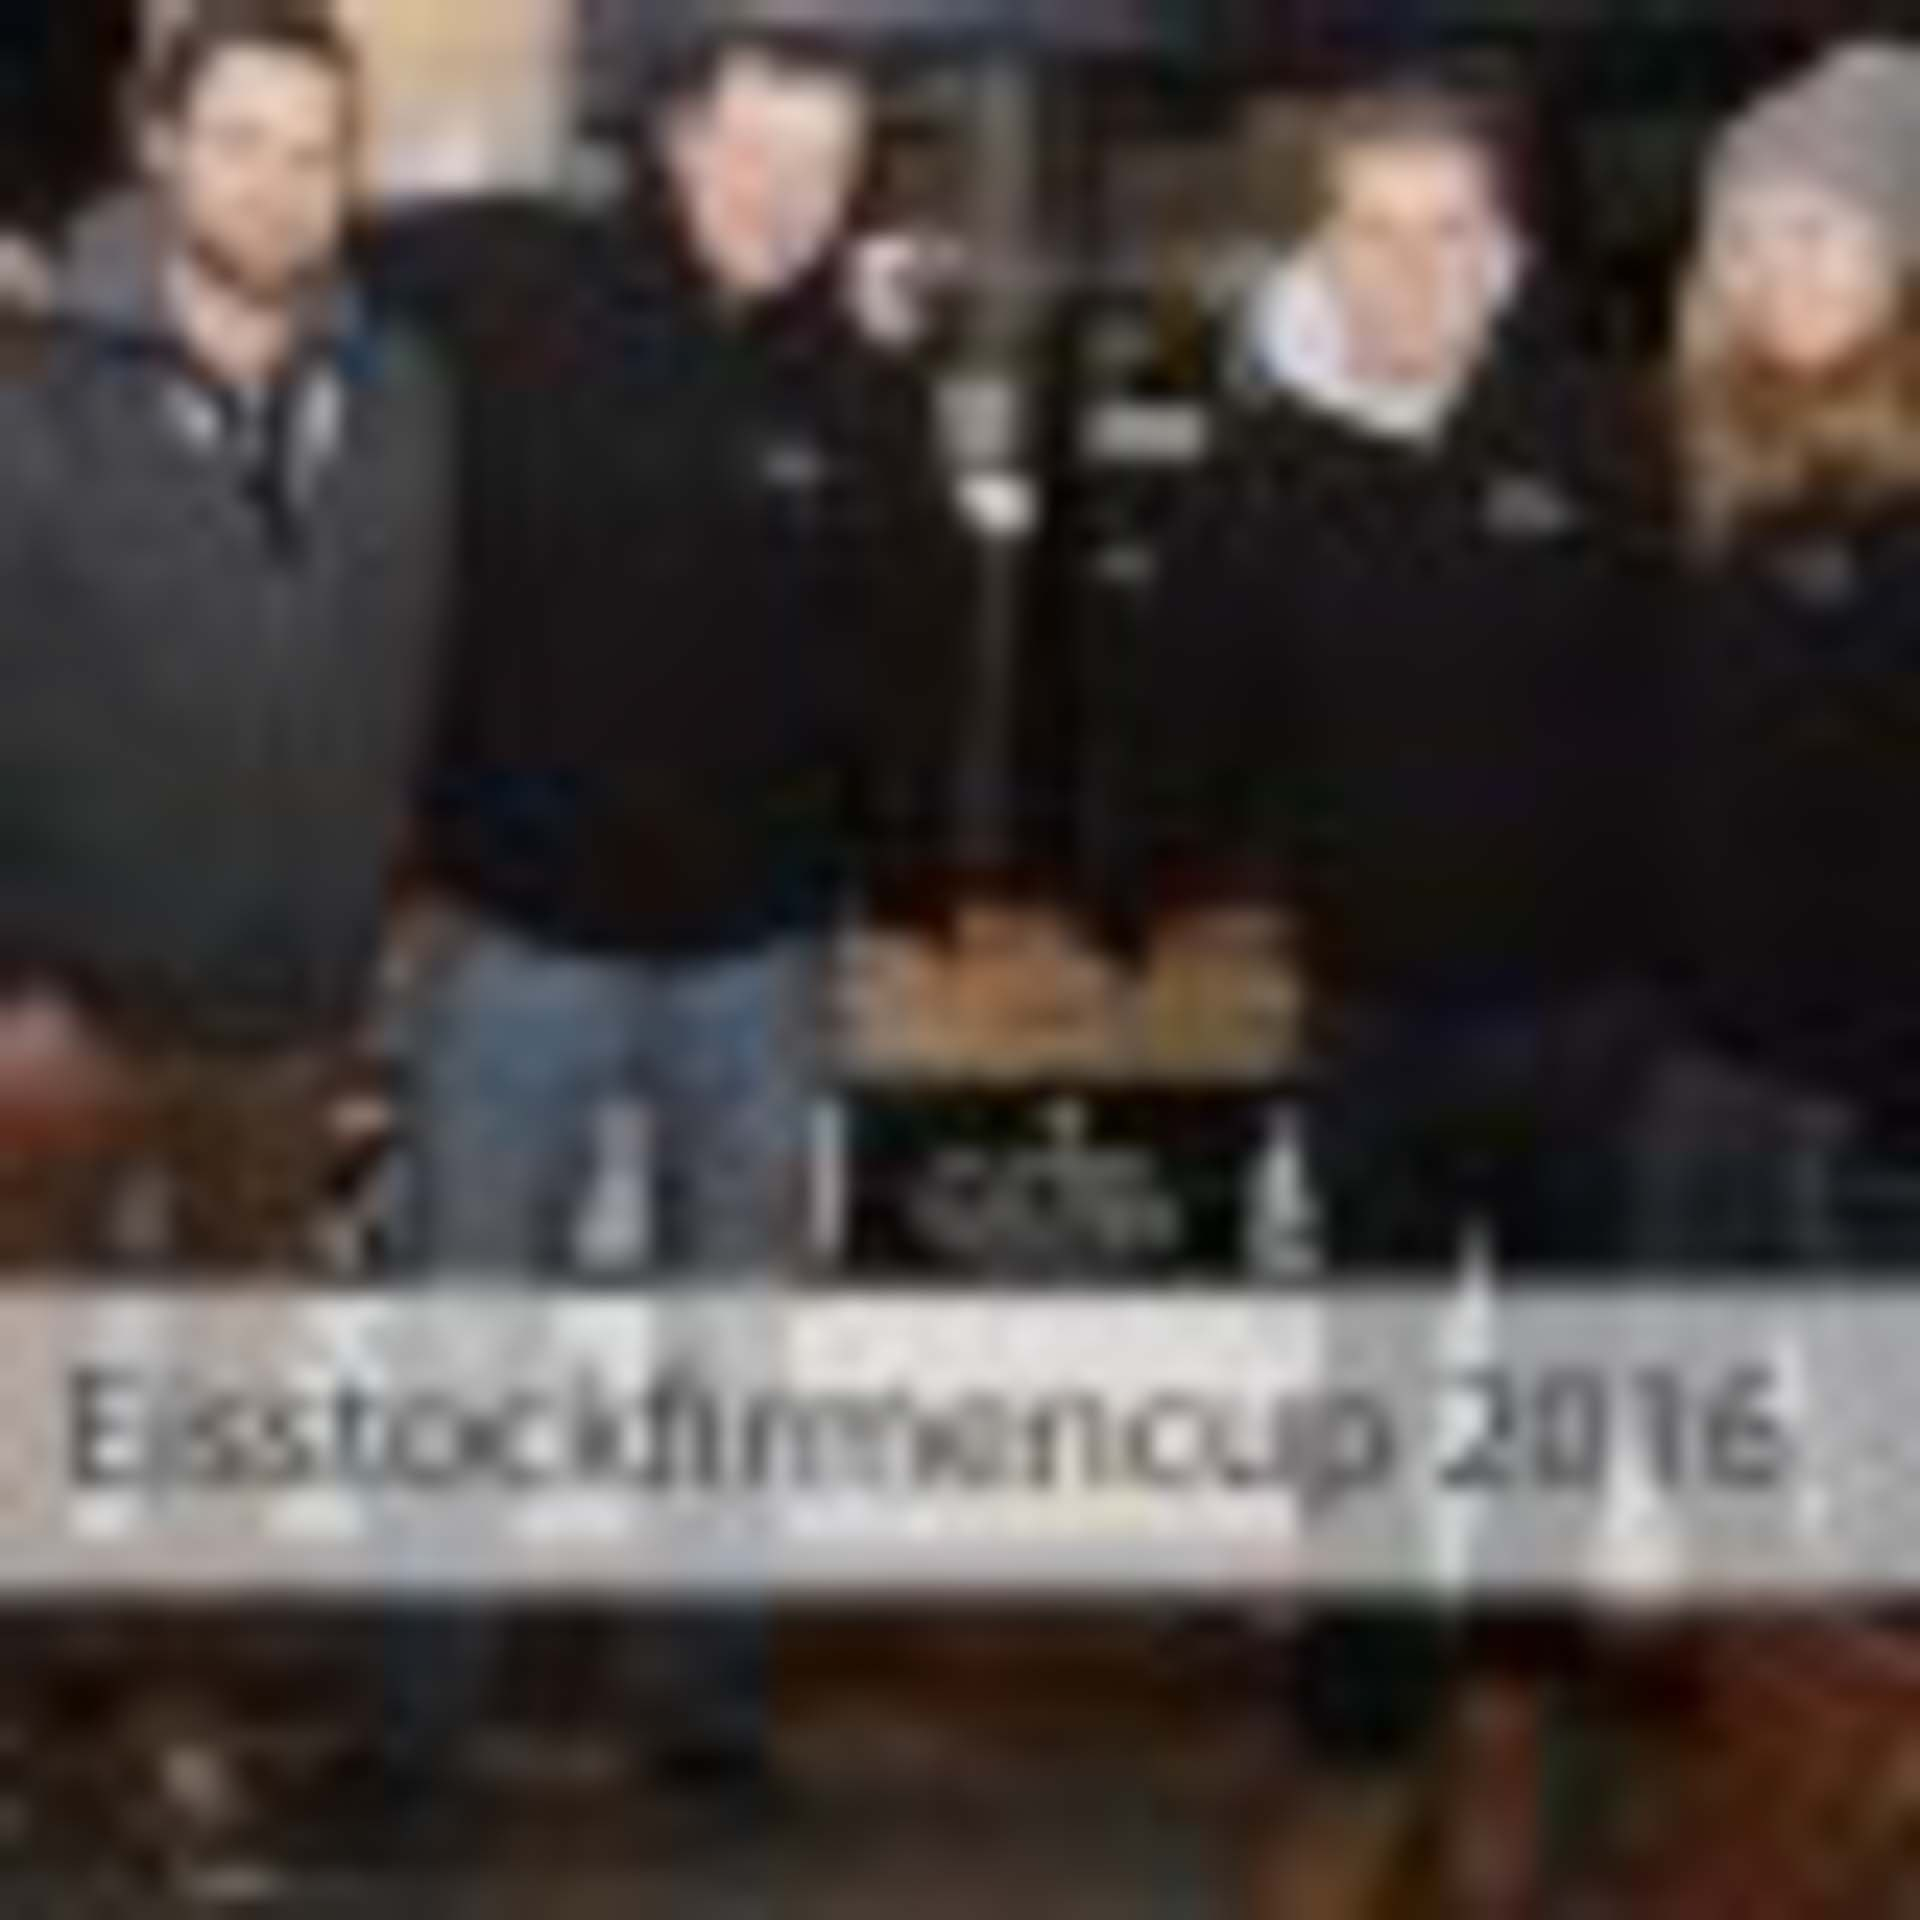 Eisstockfirmencup 2016   Papier-Schäfer GmbH & Co. KG